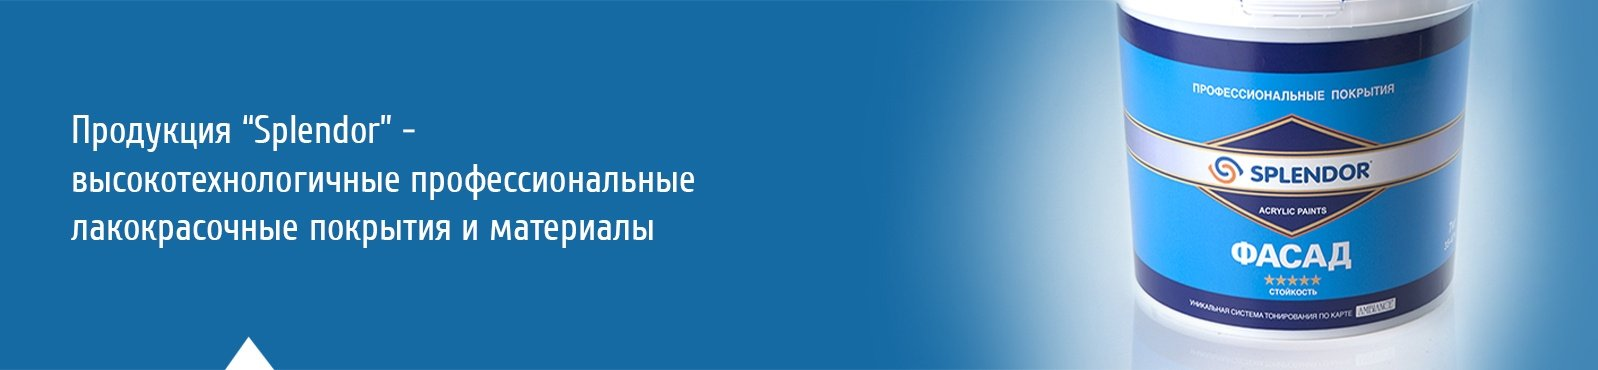 ООО Сплендор крупнейший отечественных производителей водно-дисперсионных акриловых